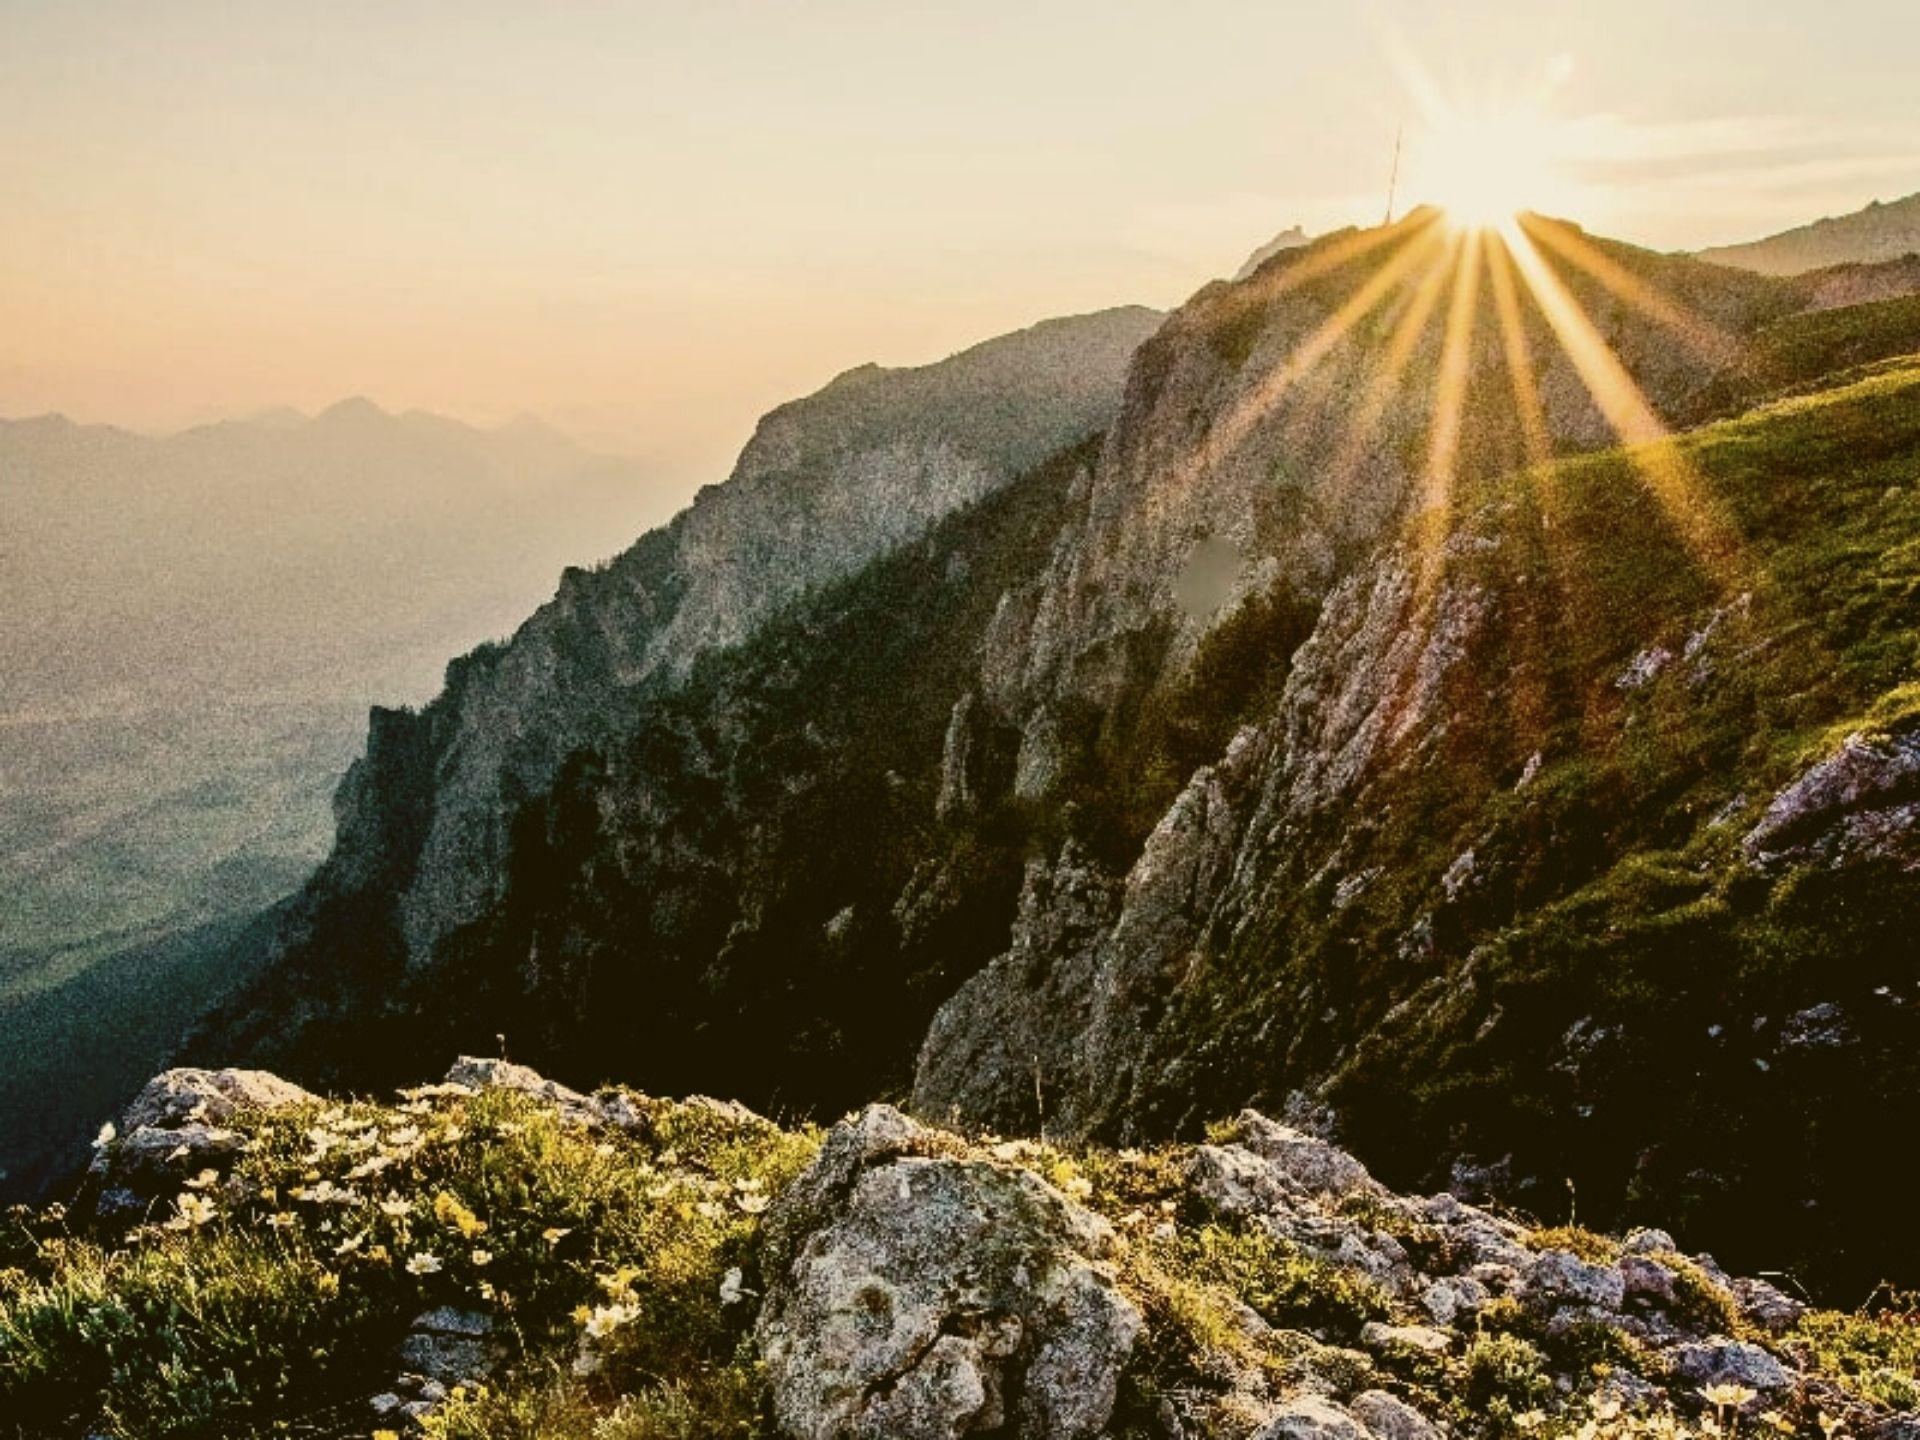 Am Bergrücken der Nockberge